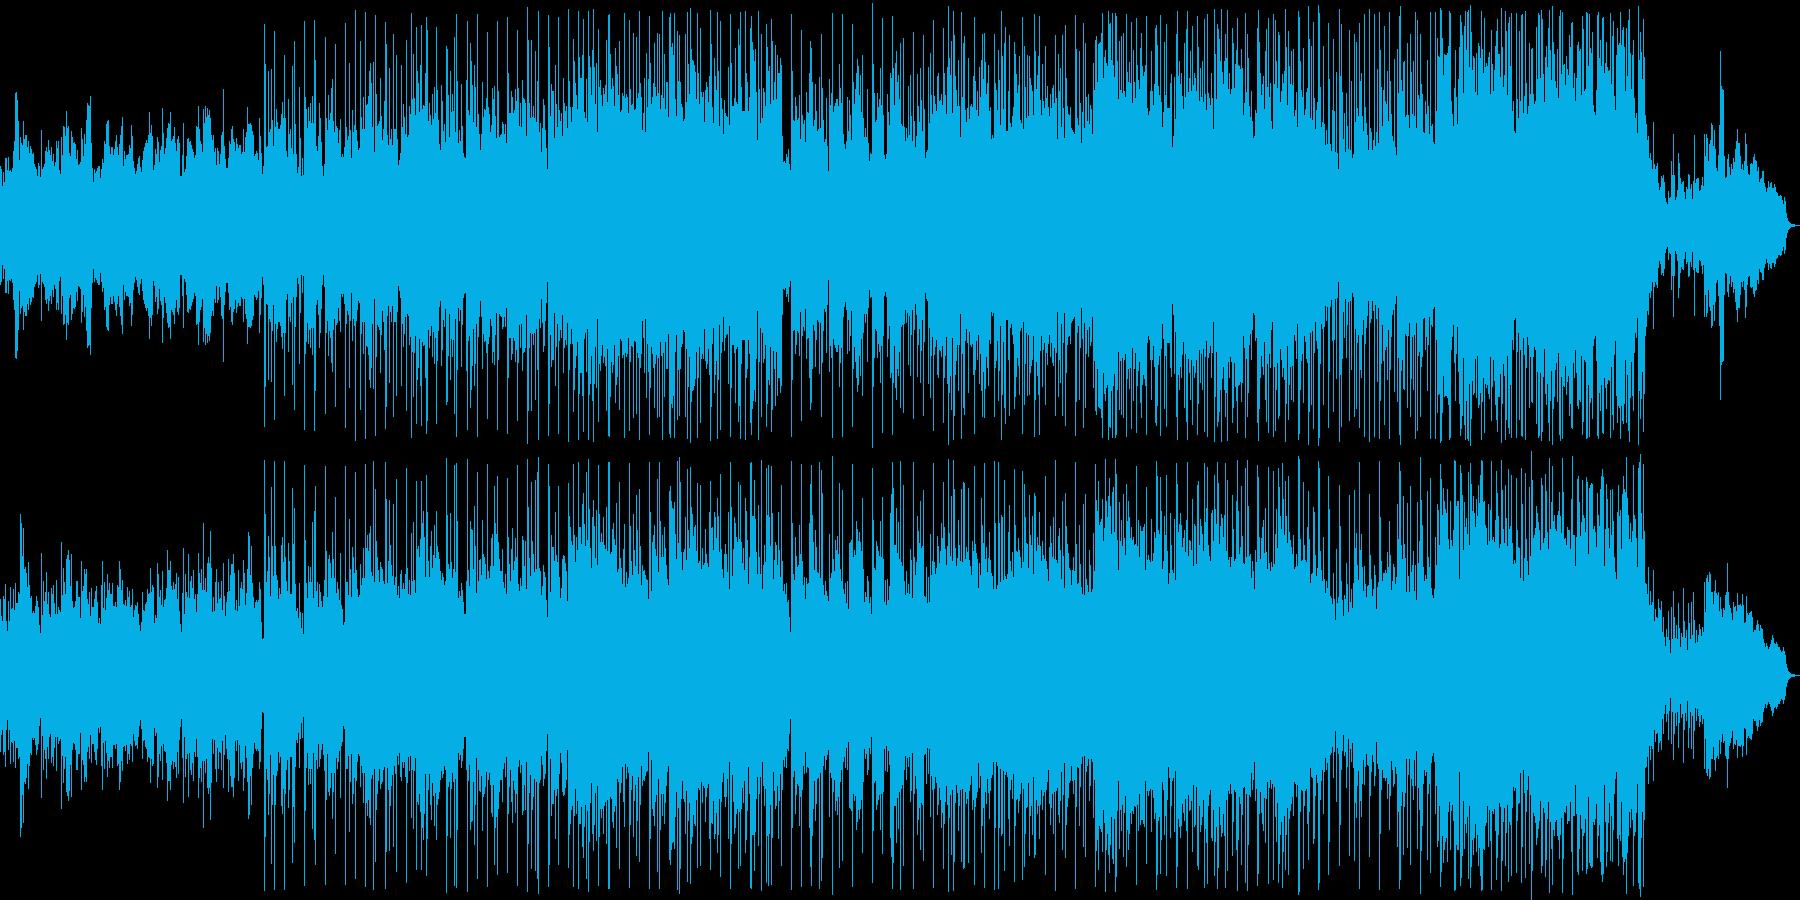 優しい雰囲気のオシャレバラードの再生済みの波形